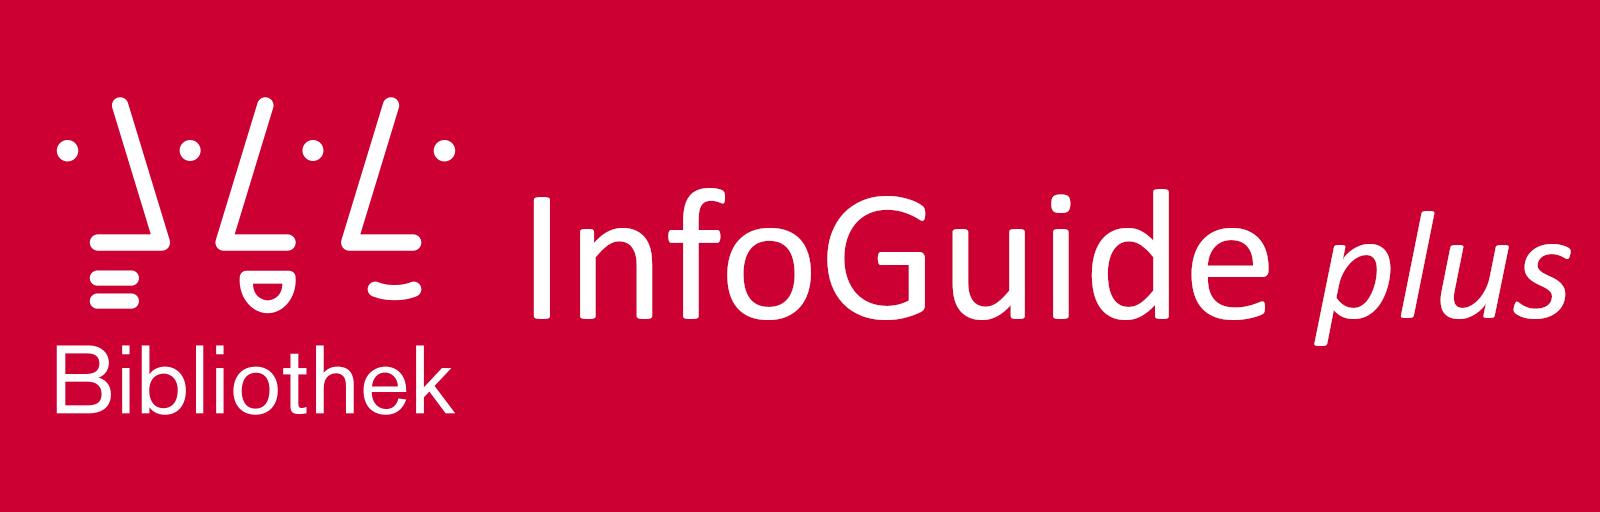 Logotipo do Infoguide com link externo para exibir a página da Revista no indexador